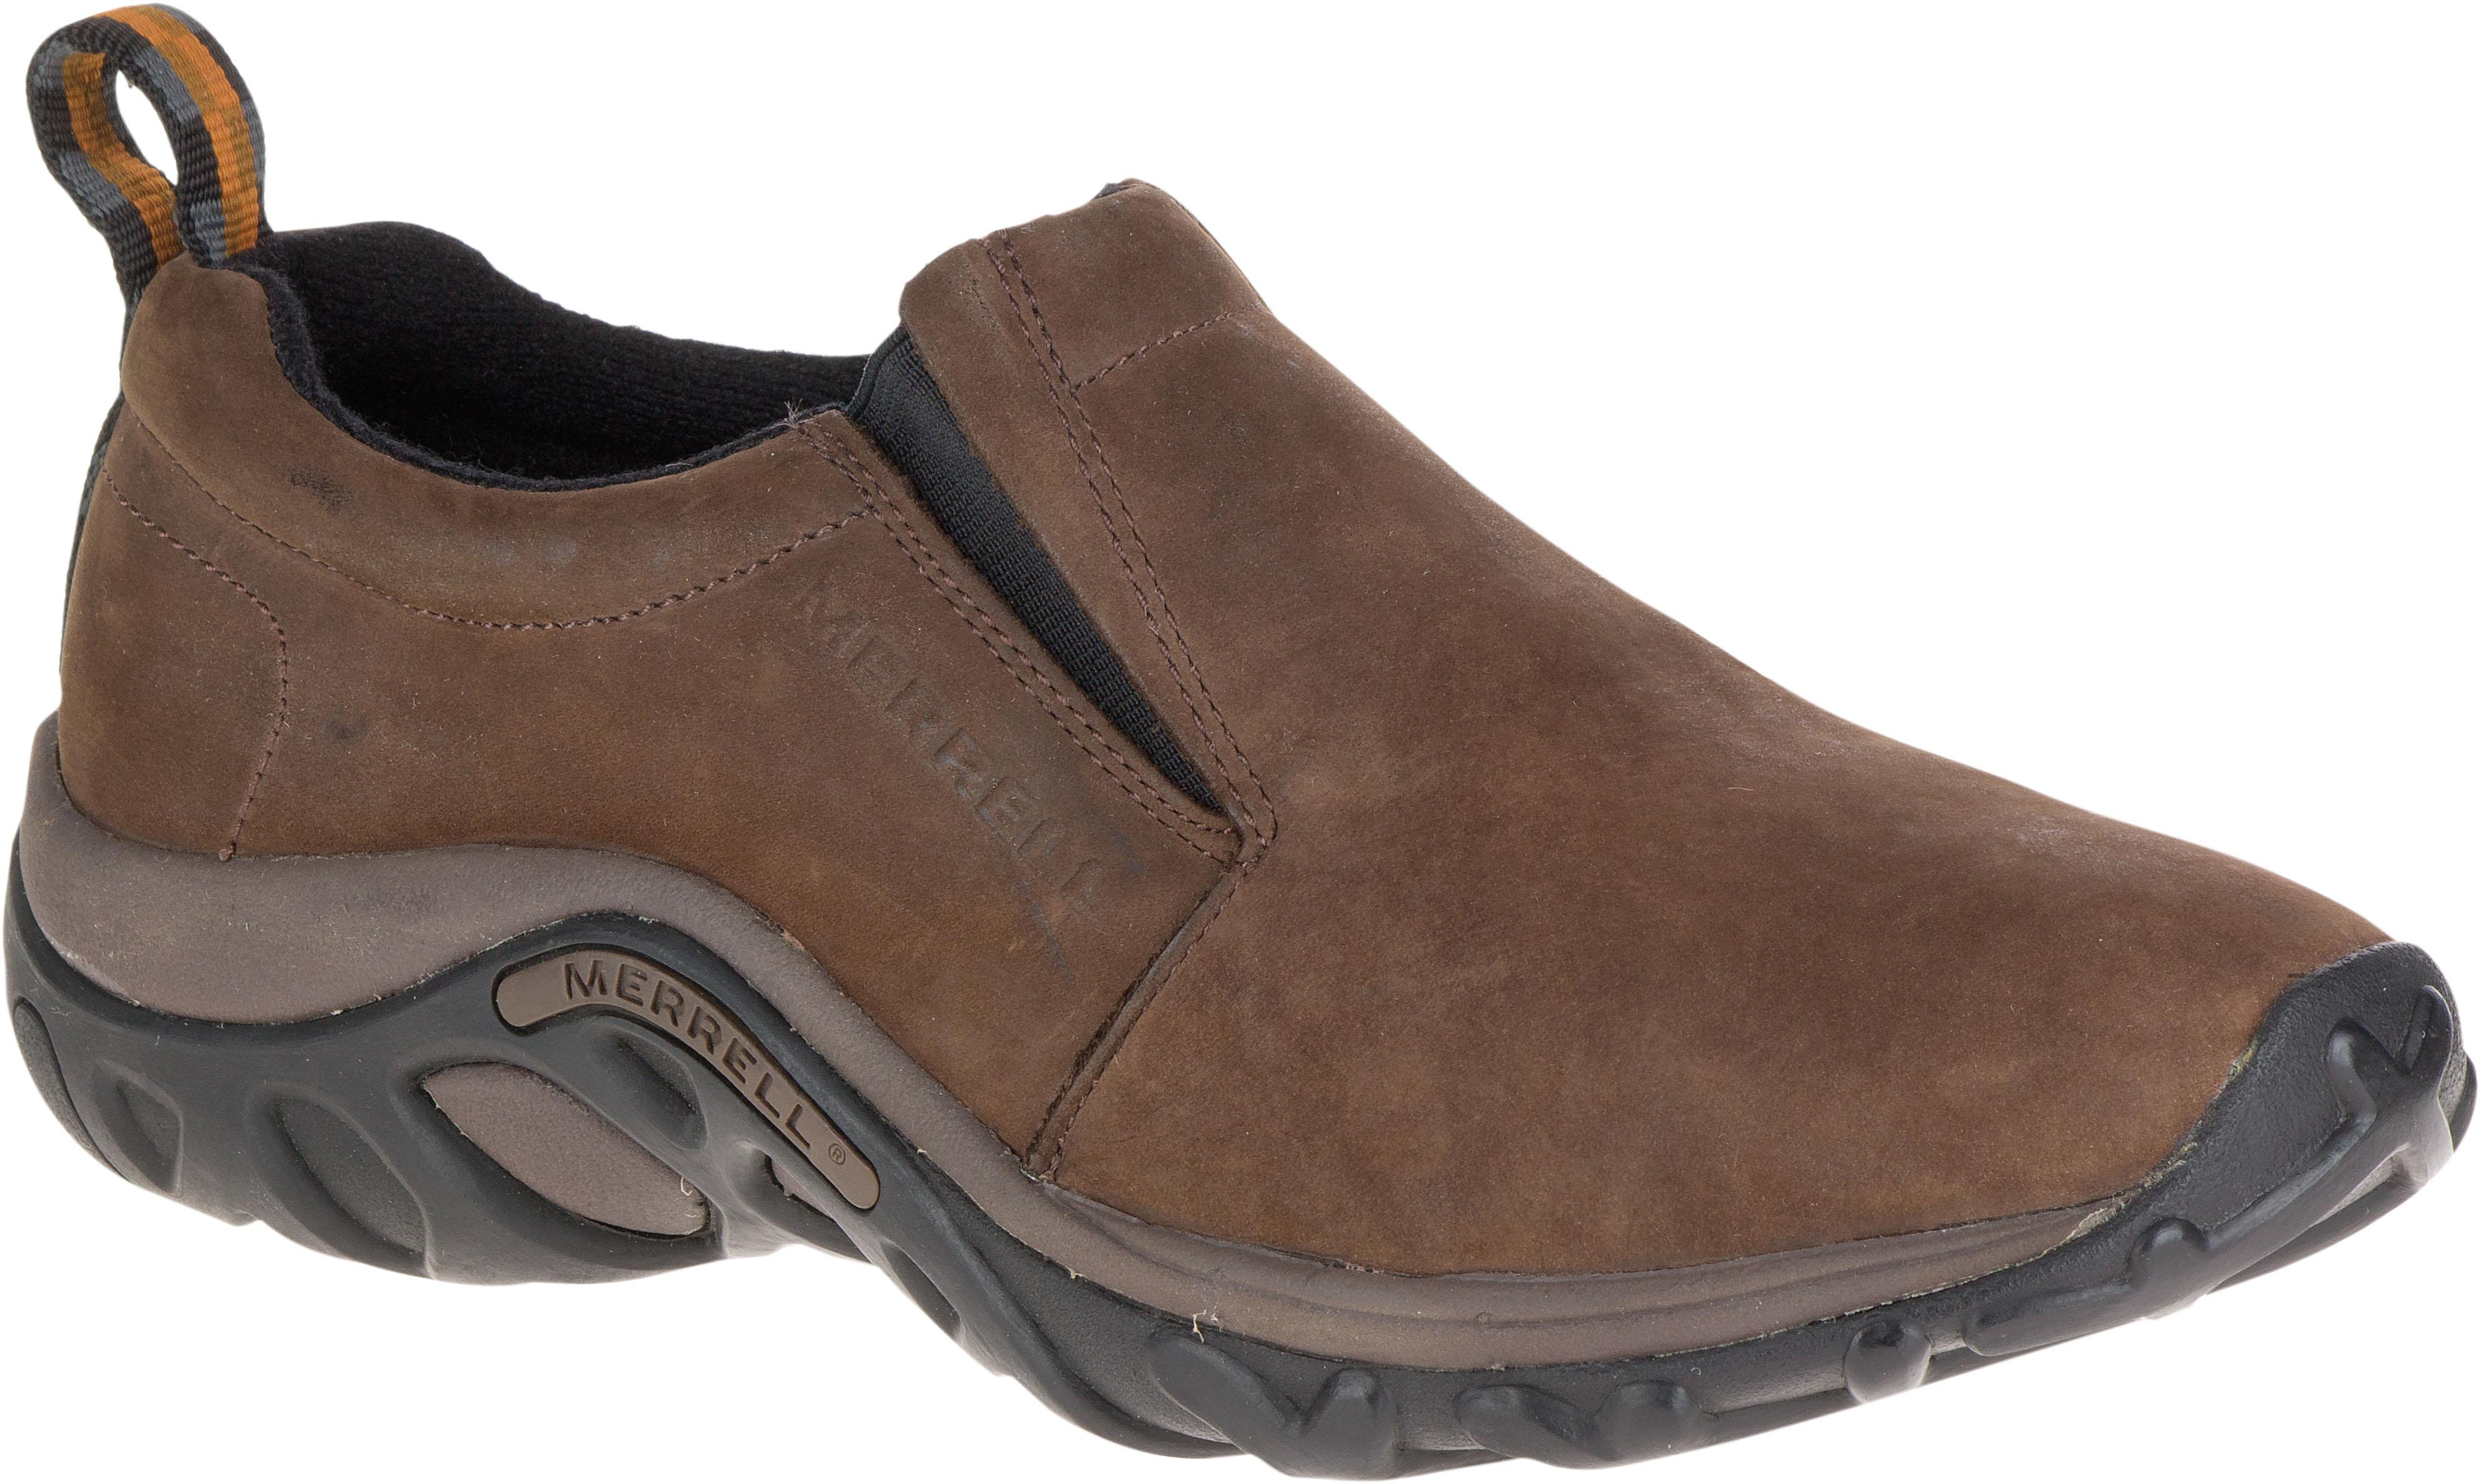 33828c1a6c0 Merrell Men s J60831 - Jungle Moc Nubuck - The Shoe Mart